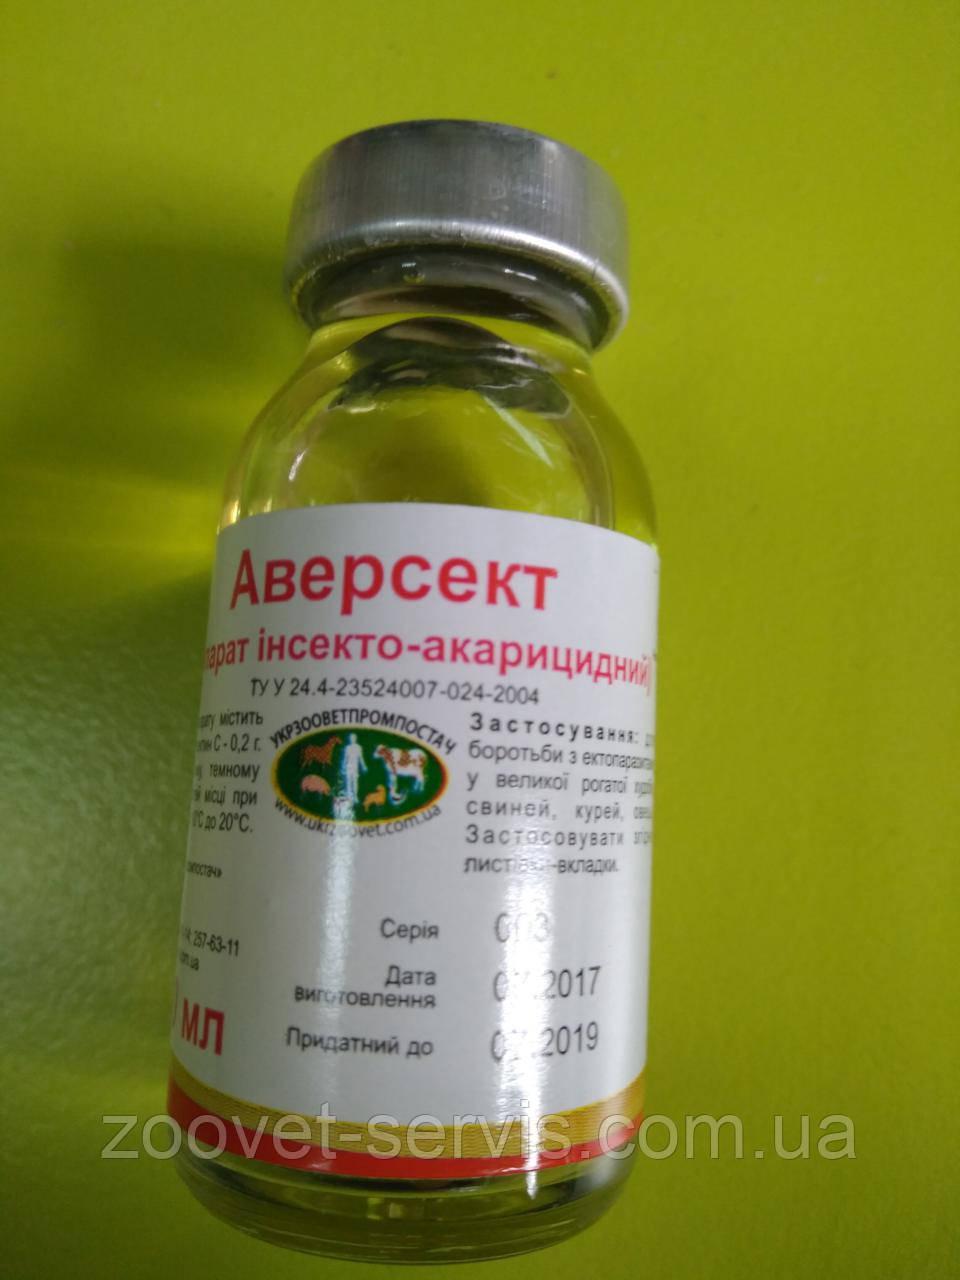 Биологическое средство против вшей, блох, клещей, мух Аверсект